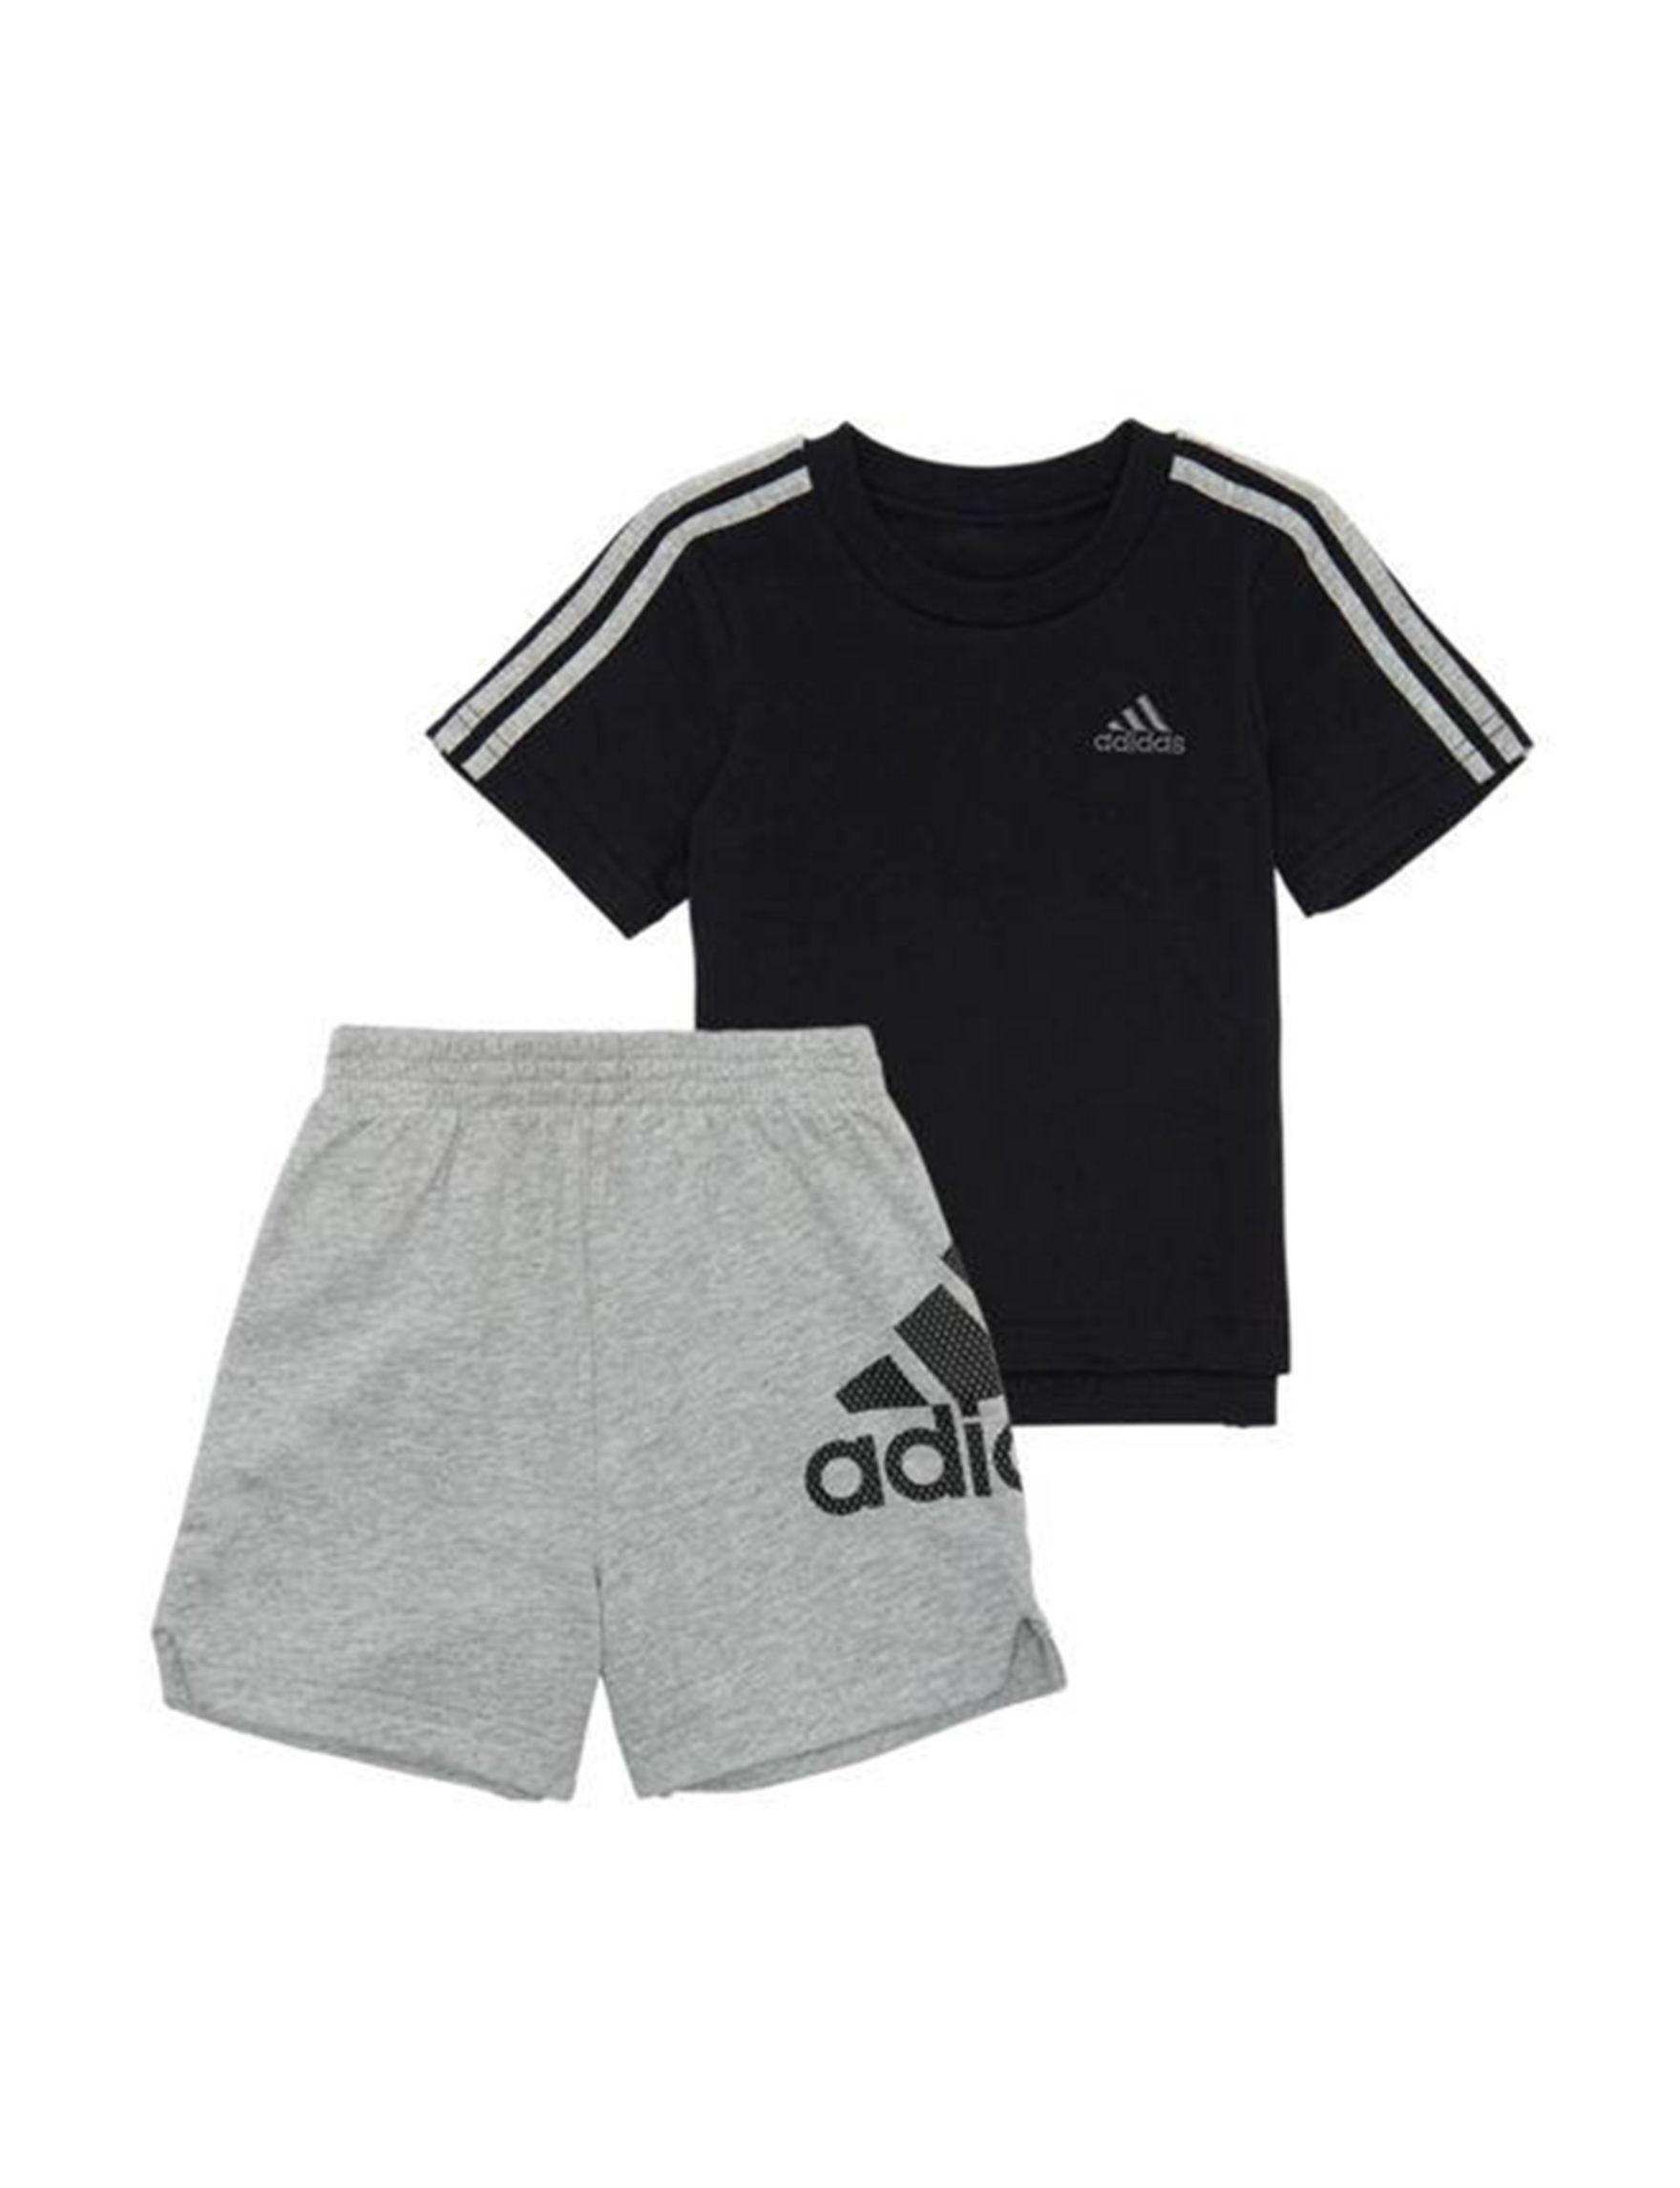 Adidas Black / Grey